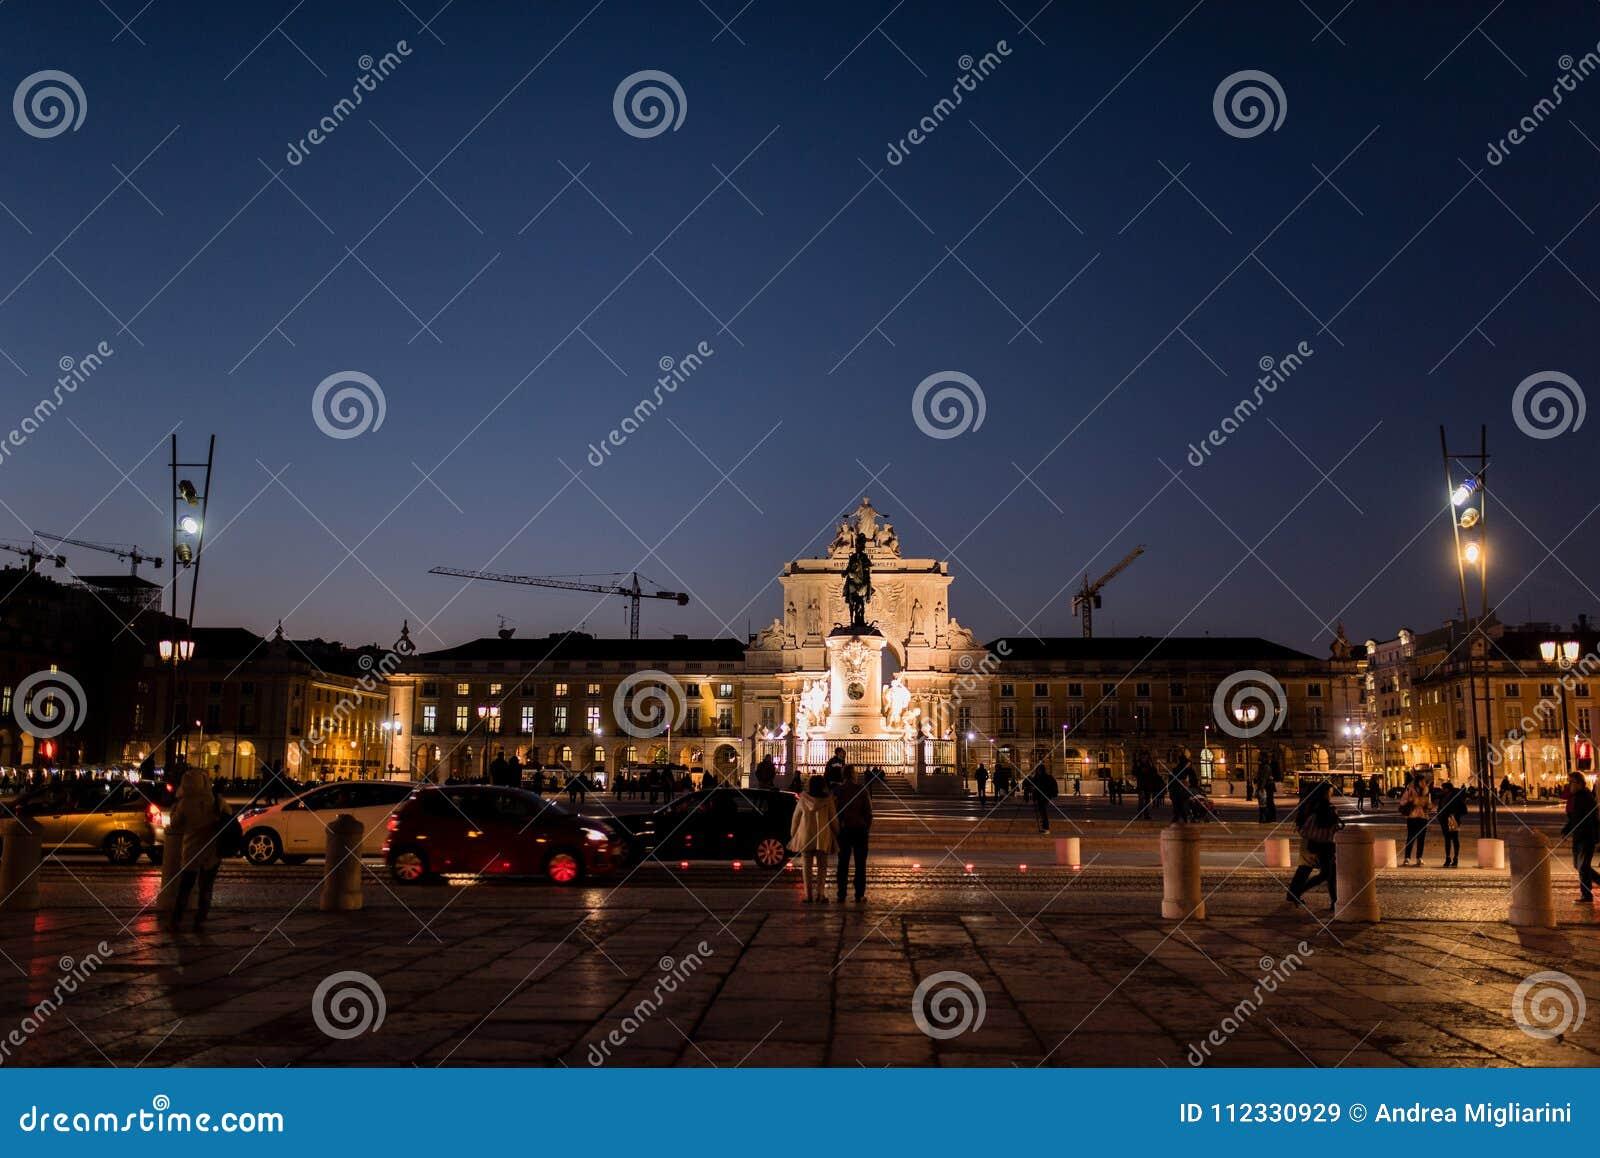 Praça gör Comércio, viktig fyrkant av Lissabon, Portugal, natt